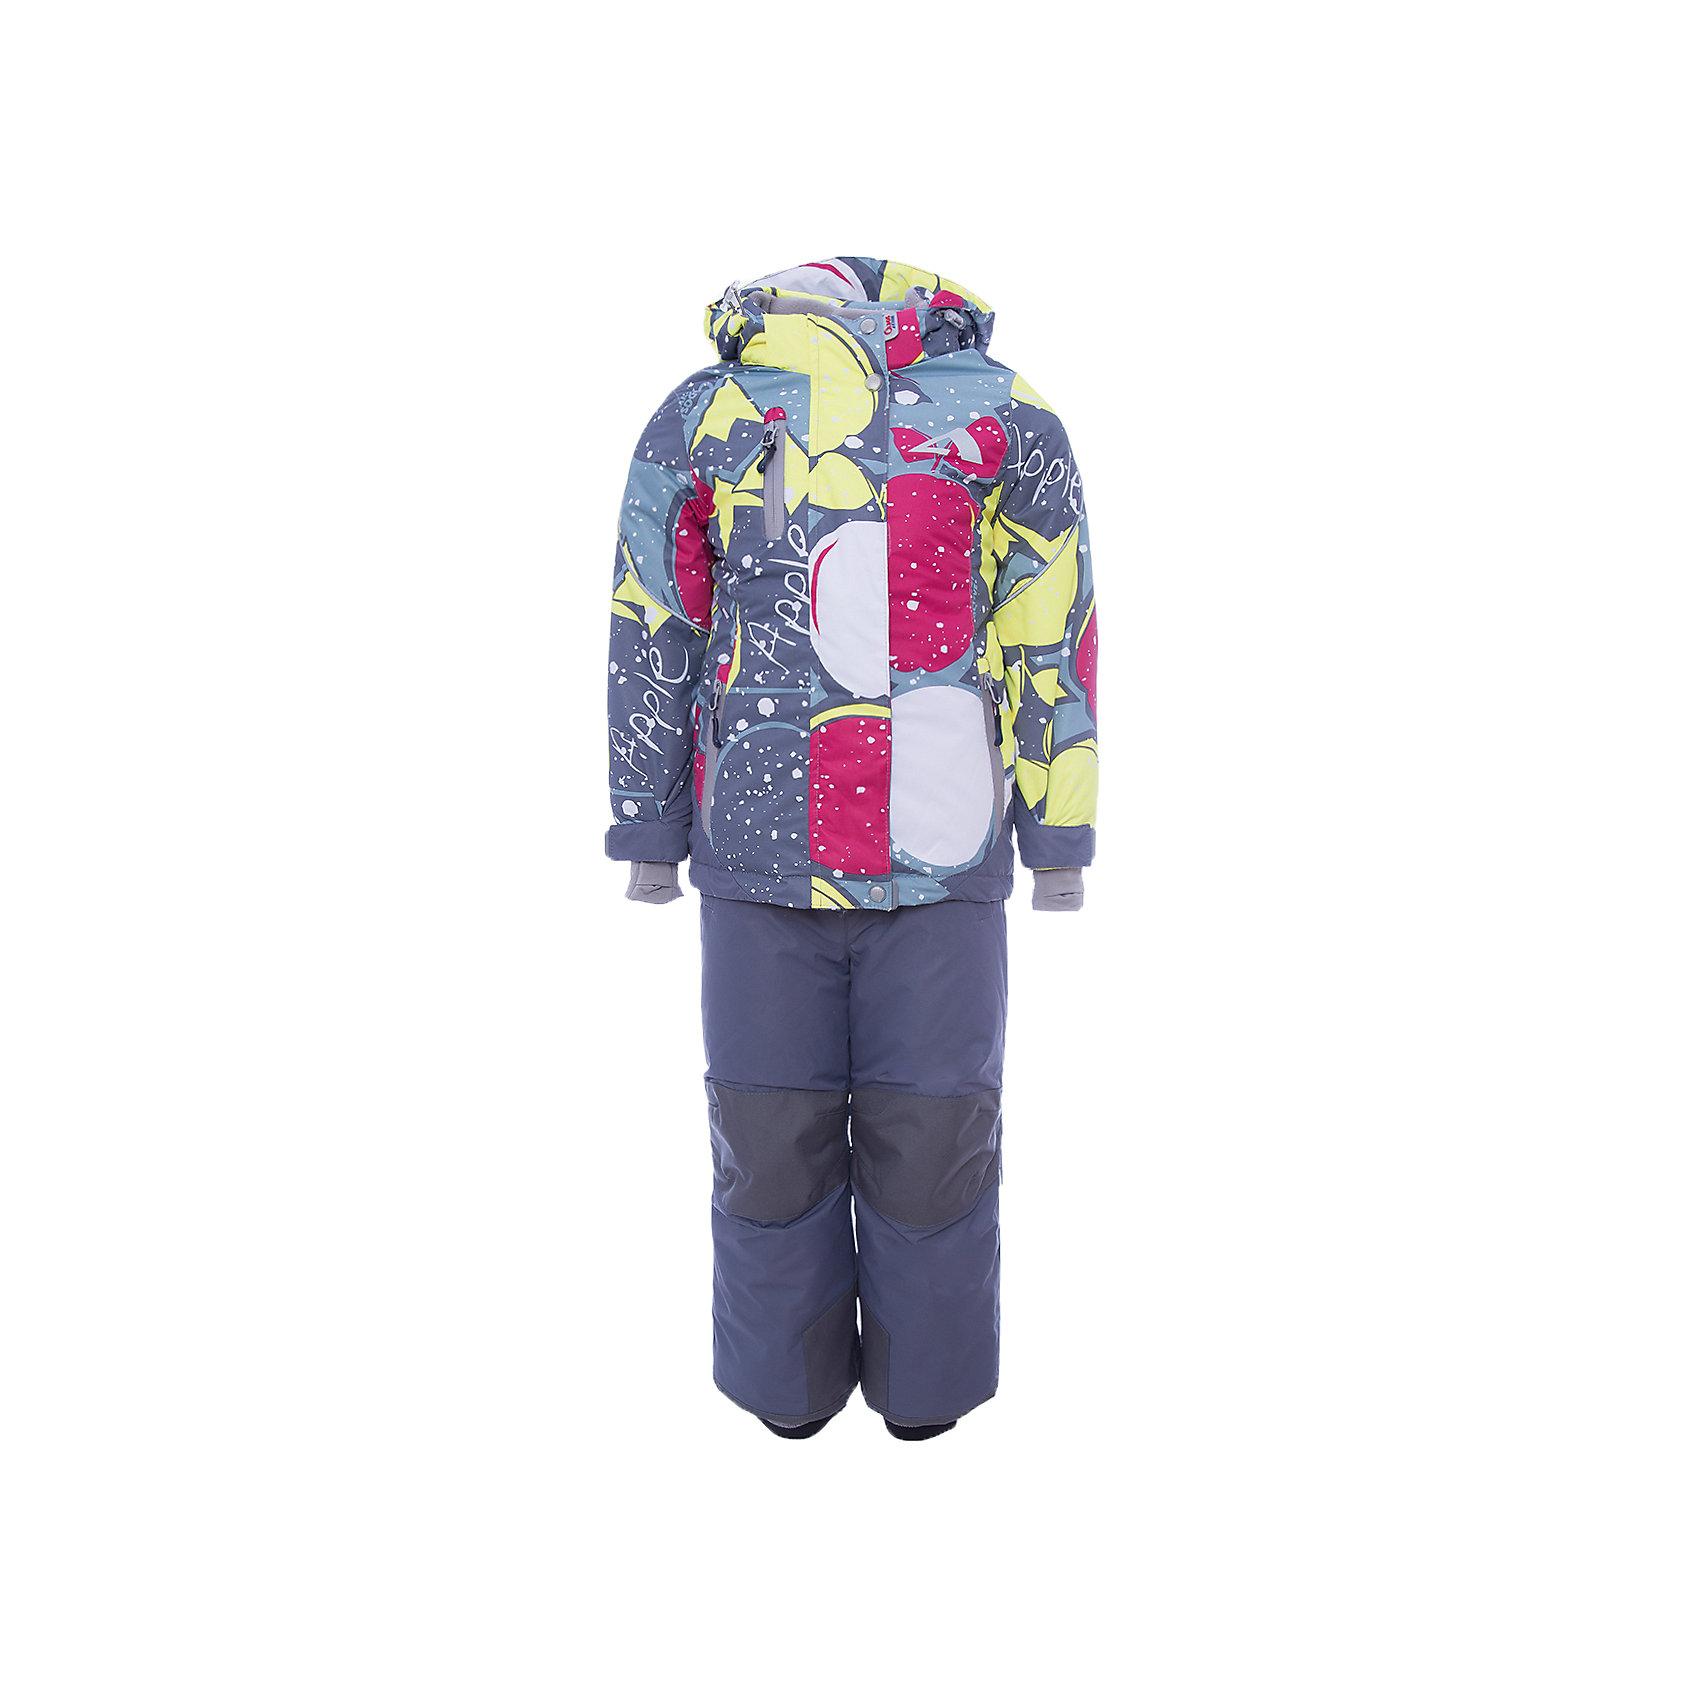 Комплект: куртка и полукомбинезон Лора OLDOS для девочкиВерхняя одежда<br>Характеристики товара:<br><br>• цвет: серый<br>• комплектация: куртка и полукомбинезон<br>• состав ткани: полиэстер, Teflon<br>• подкладка: флис<br>• утеплитель: Hollofan pro<br>• сезон: зима<br>• мембранное покрытие<br>• температурный режим: от -30 до +5<br>• водонепроницаемость: 5000 мм <br>• паропроницаемость: 5000 г/м2<br>• плотность утеплителя: куртка - 200 г/м2, полукомбинезон - 150 г/м2<br>• застежка: молния<br>• капюшон: без меха, съемный<br>• полукомбинезон усилен износостойкими вставками<br>• страна бренда: Россия<br>• страна изготовитель: Россия<br><br>Подкладка детского зимнего комплекта - флис, в рукавах и брючинах – гладкий полиэстер. Детский комплект для девочки дополнен элементами, помогающими скорректировать размер точно под ребенка. Детский зимний комплект создан с применением мембранной технологии, поэтому рассчитан даже на сильные морозы и ветра.<br><br>Комплект: куртка и полукомбинезон Лора Oldos (Олдос) для девочки можно купить в нашем интернет-магазине.<br><br>Ширина мм: 356<br>Глубина мм: 10<br>Высота мм: 245<br>Вес г: 519<br>Цвет: серый<br>Возраст от месяцев: 24<br>Возраст до месяцев: 36<br>Пол: Женский<br>Возраст: Детский<br>Размер: 98,116,92,104,110<br>SKU: 7016004